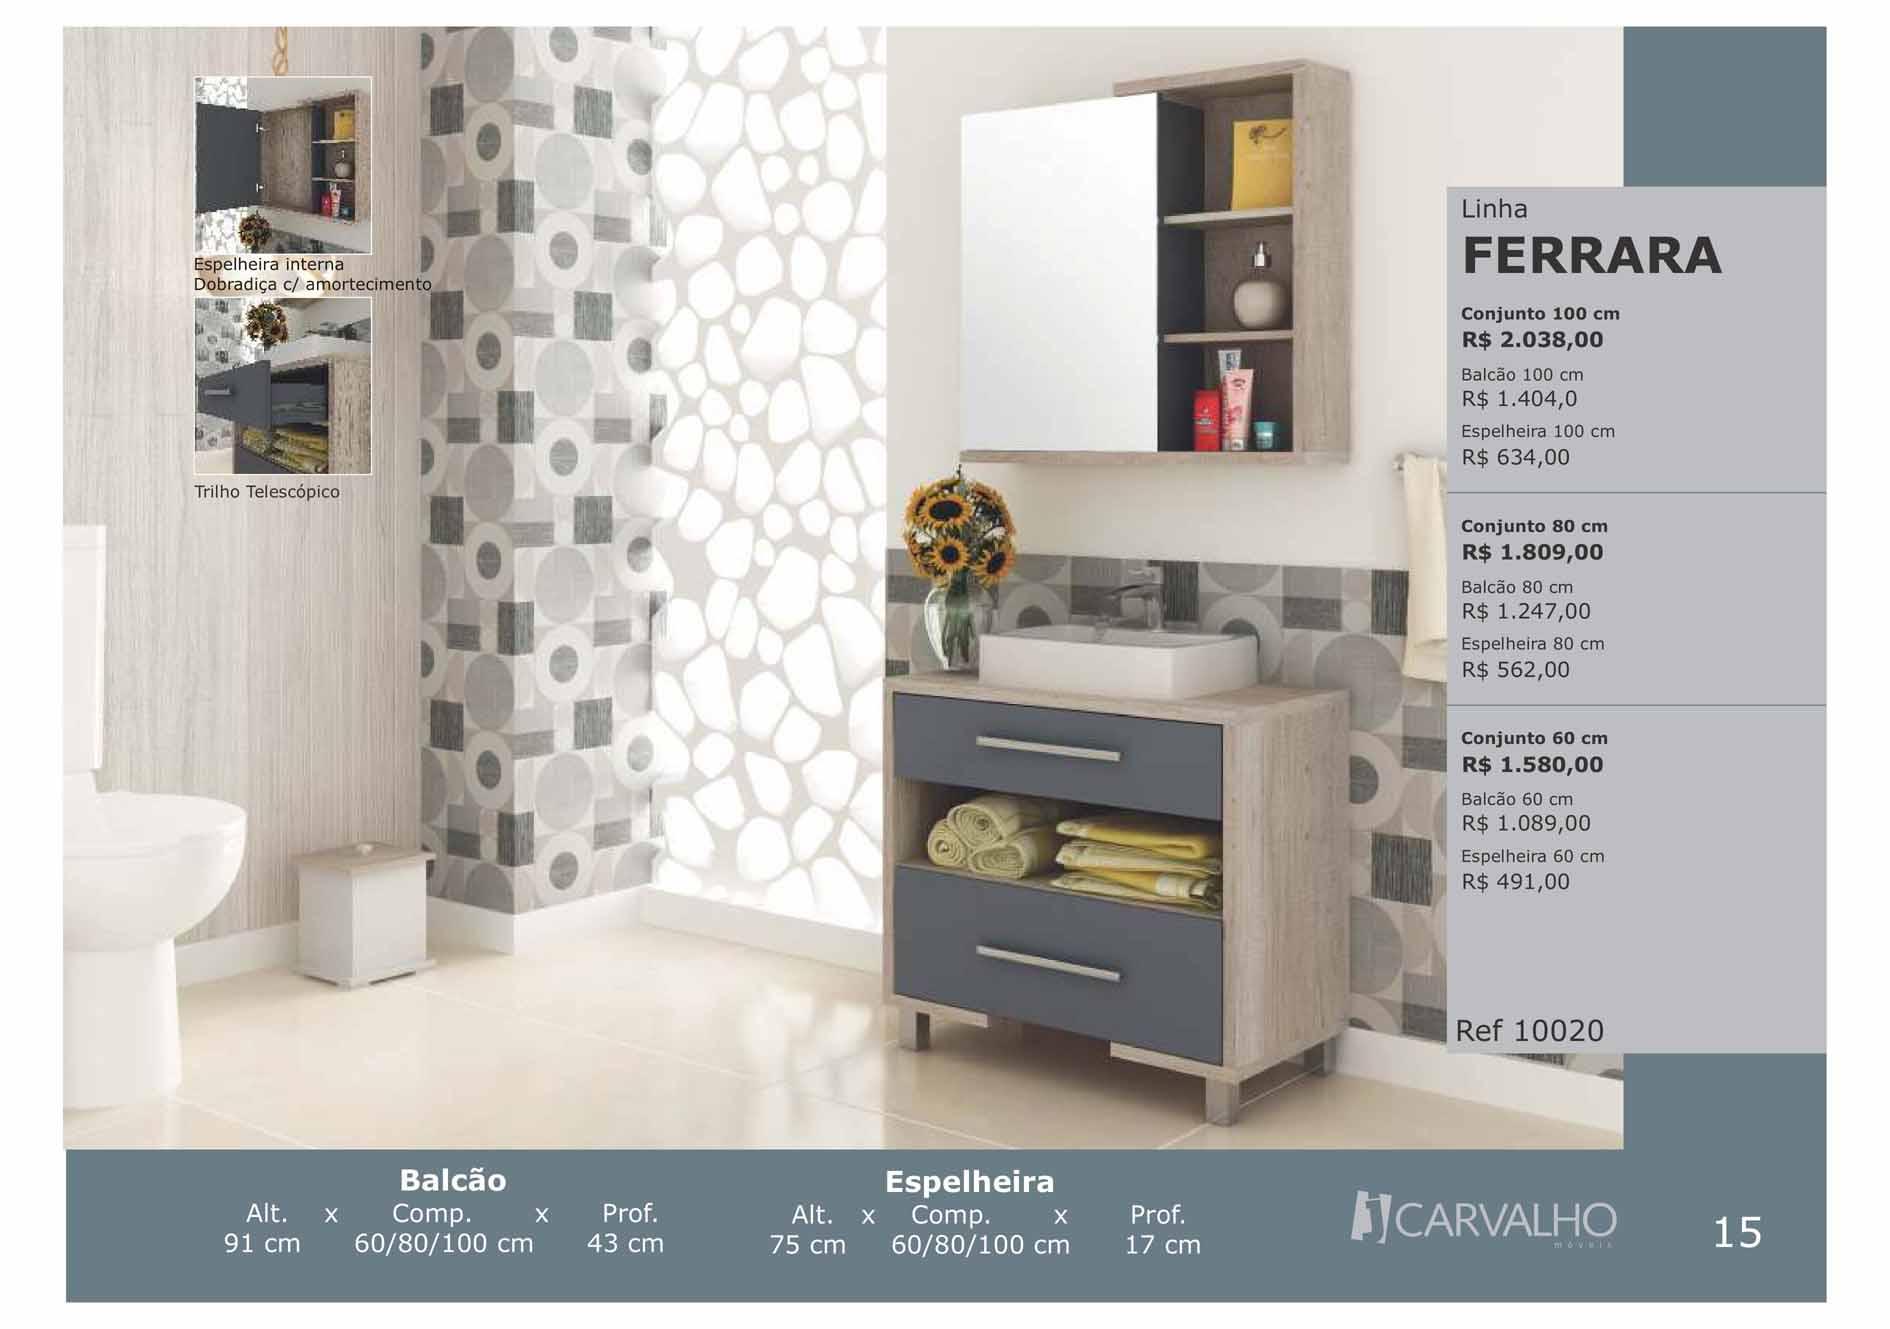 Ferrara – Ref 10020